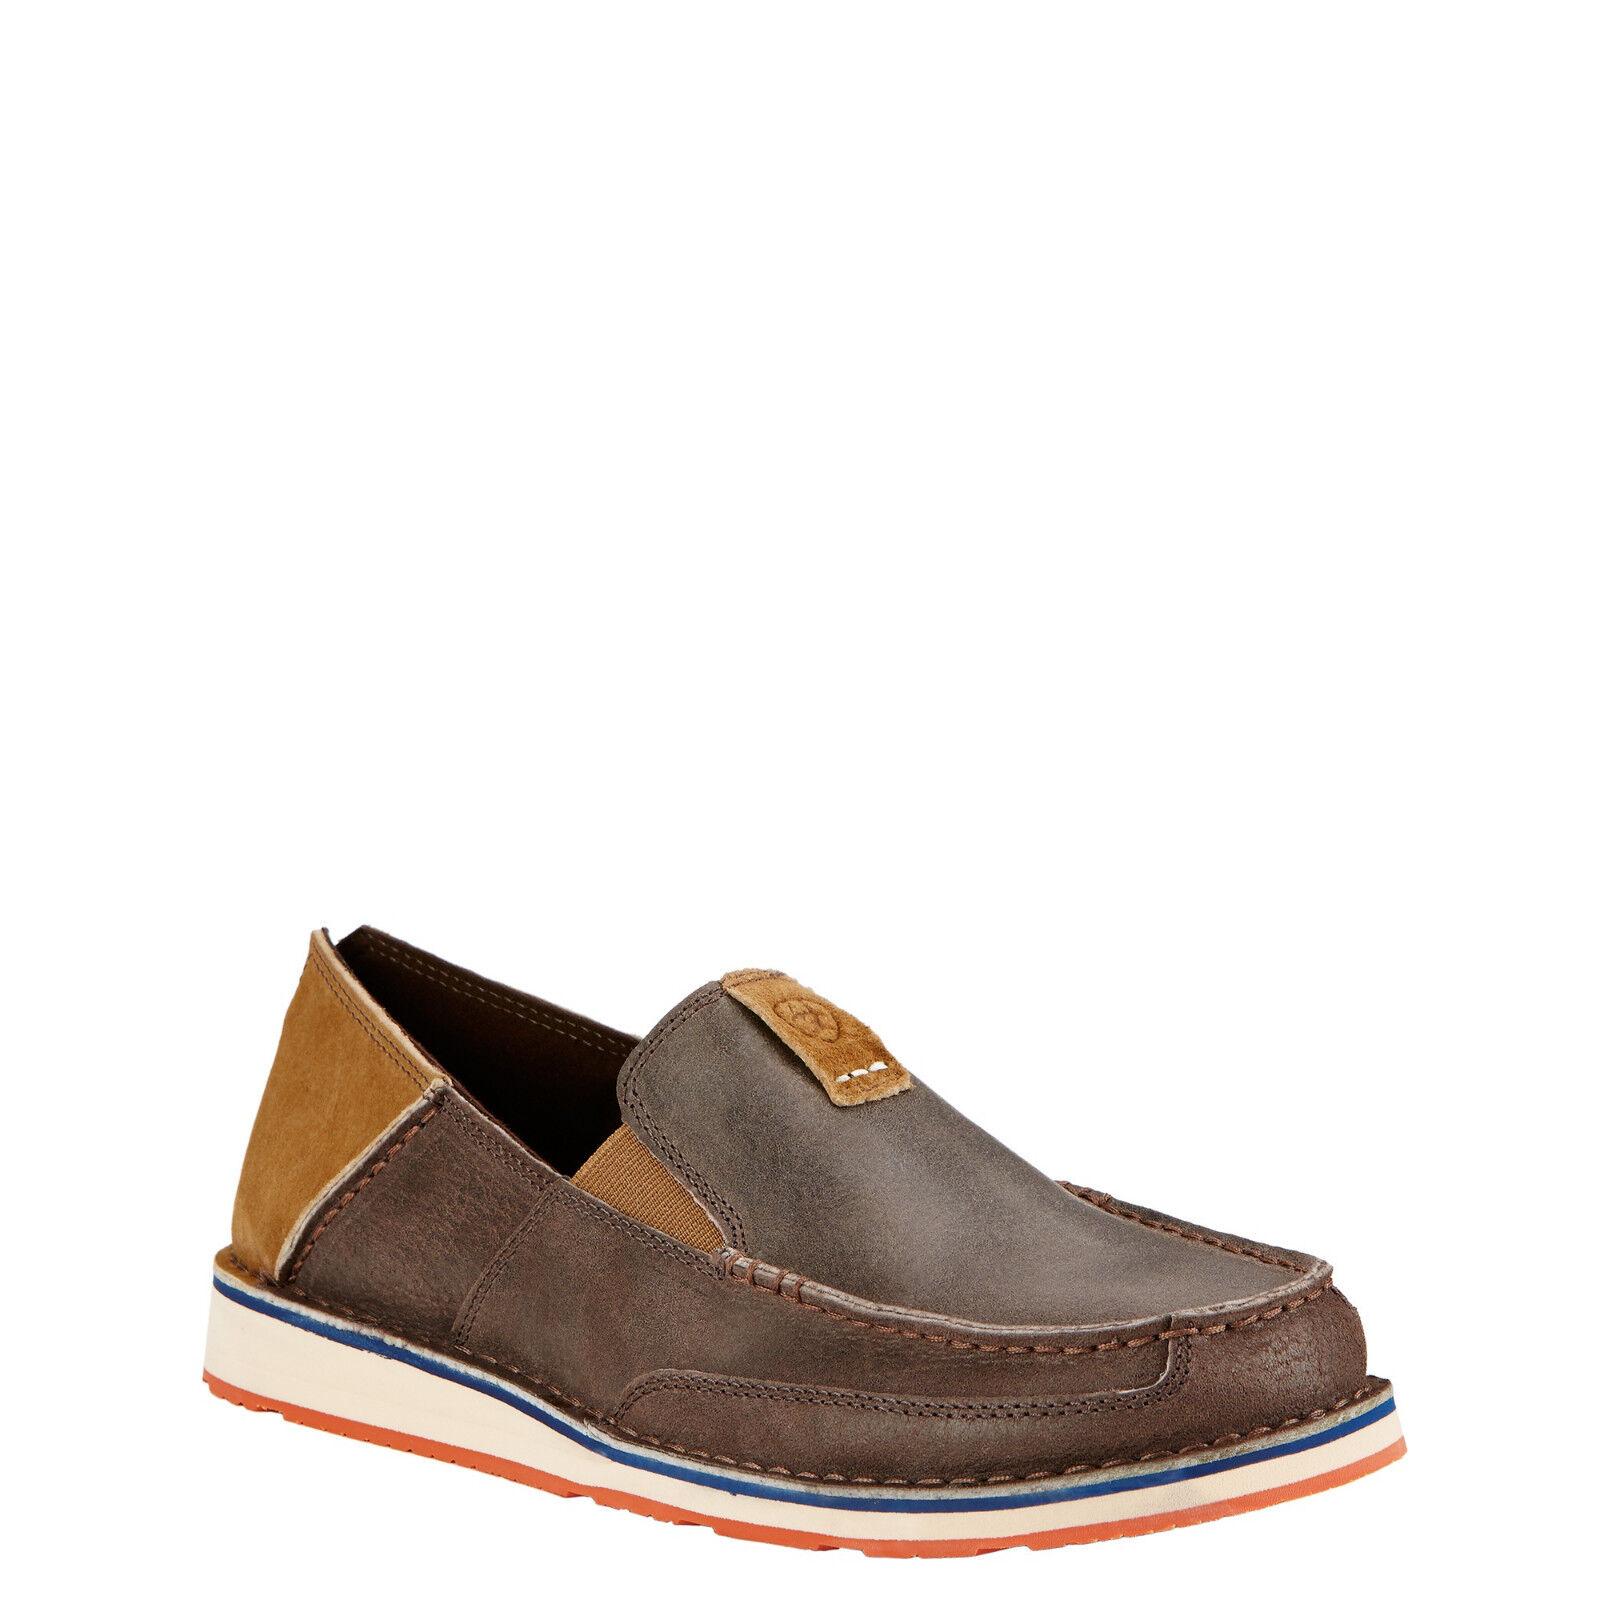 Ariat® Men's Cruiser Earth & Hunter Brown Slip On shoes 10017450